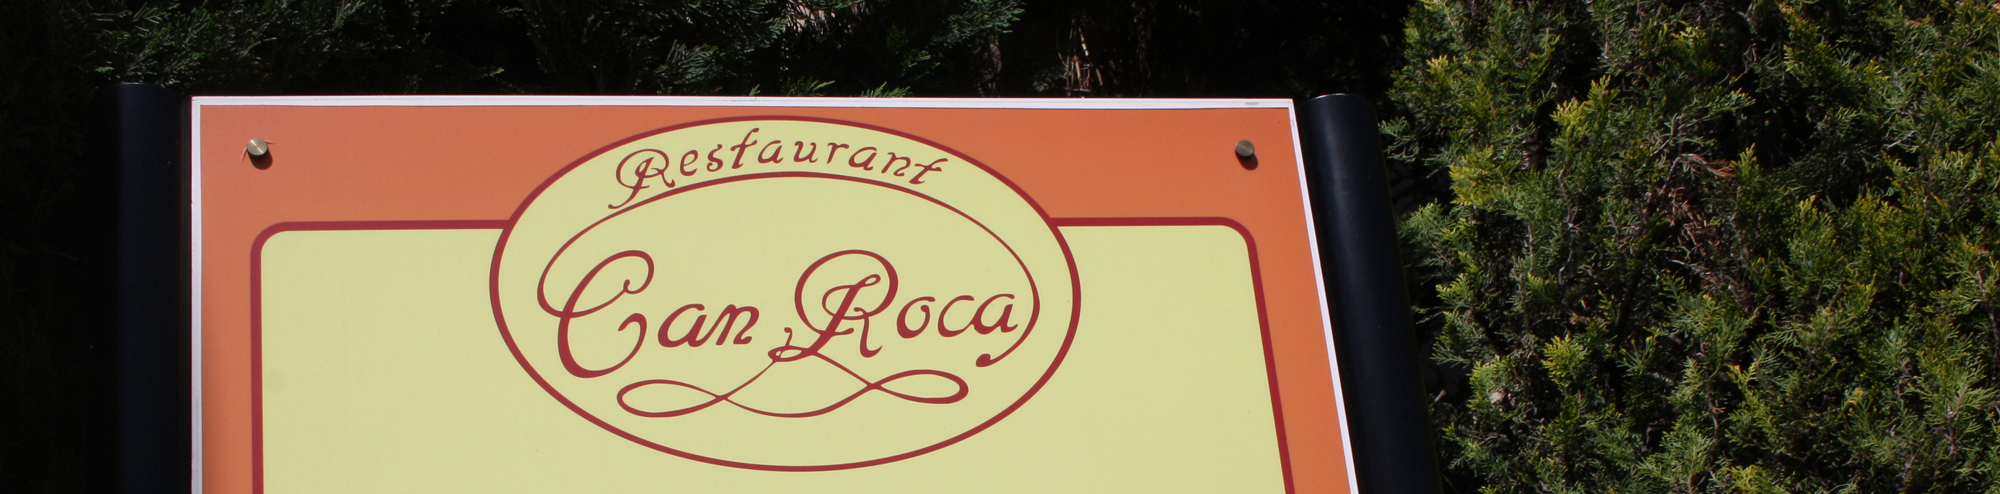 Peña_Gastronómica_Los_Restauranteros_Can_Roca_Restaurante_BloG-M_Aurelio_Gómez-Miranda